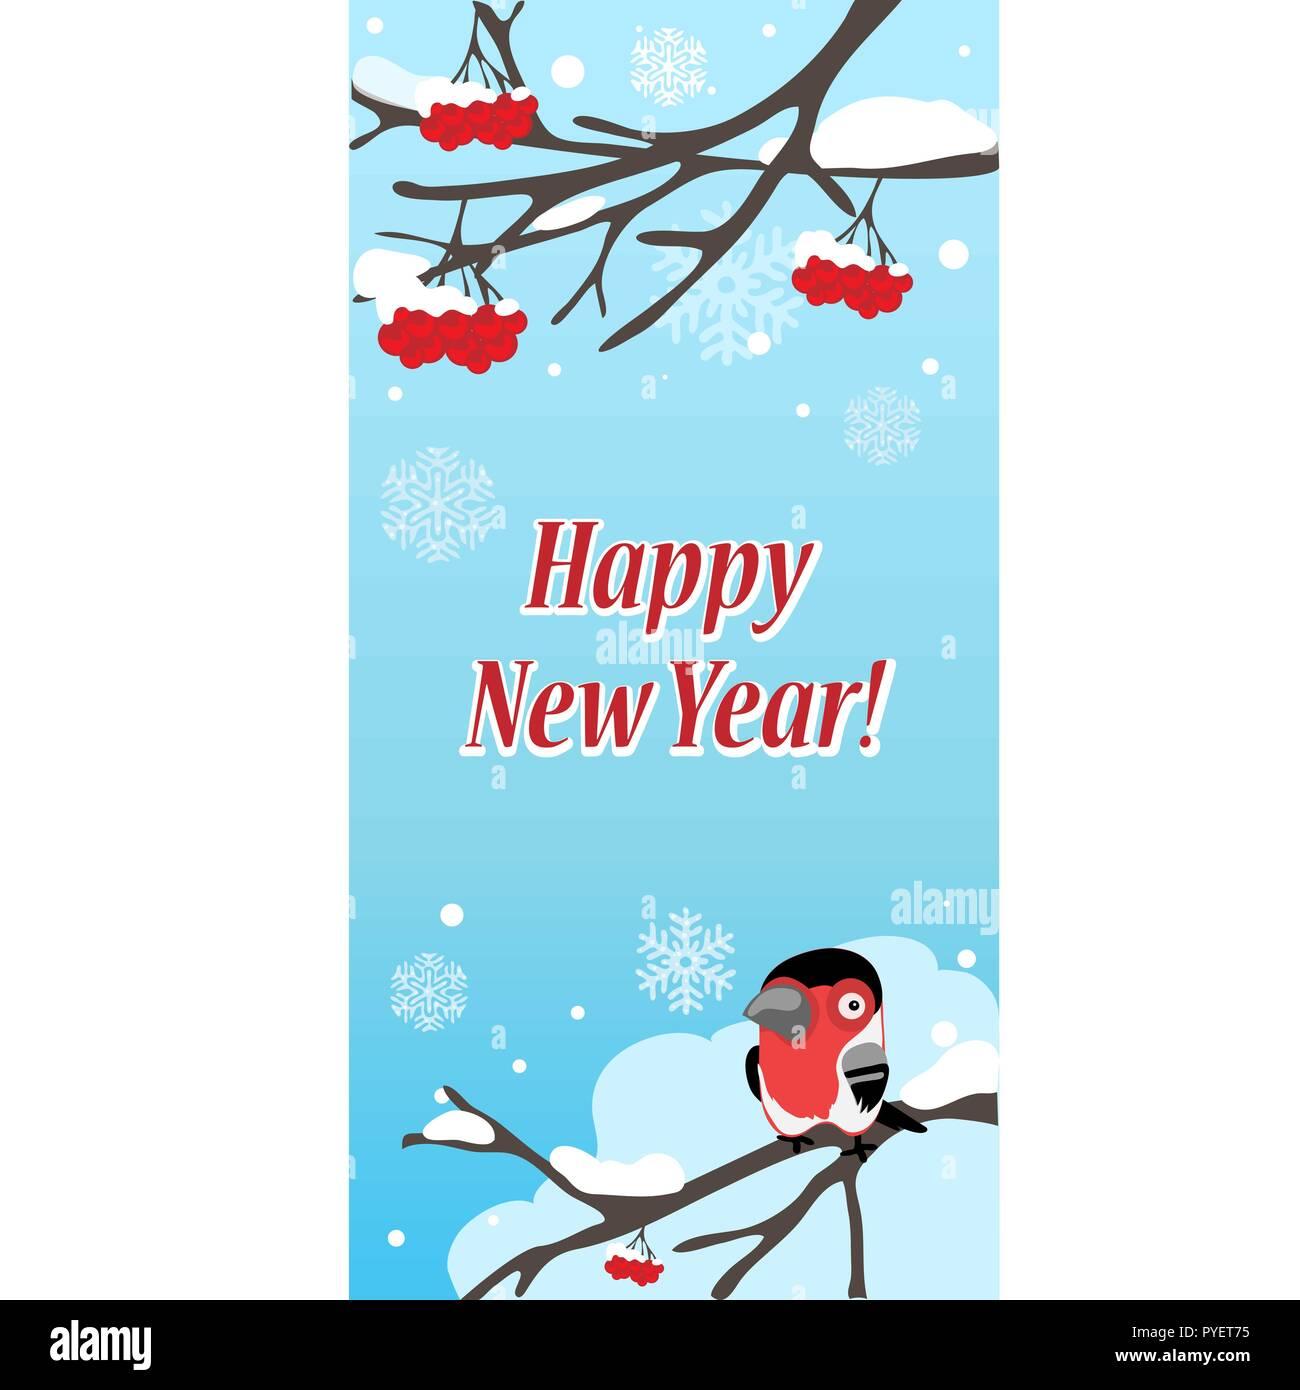 Winter Skizze auf dem Hintergrund der Snowy Red rowan Zweig mit ...